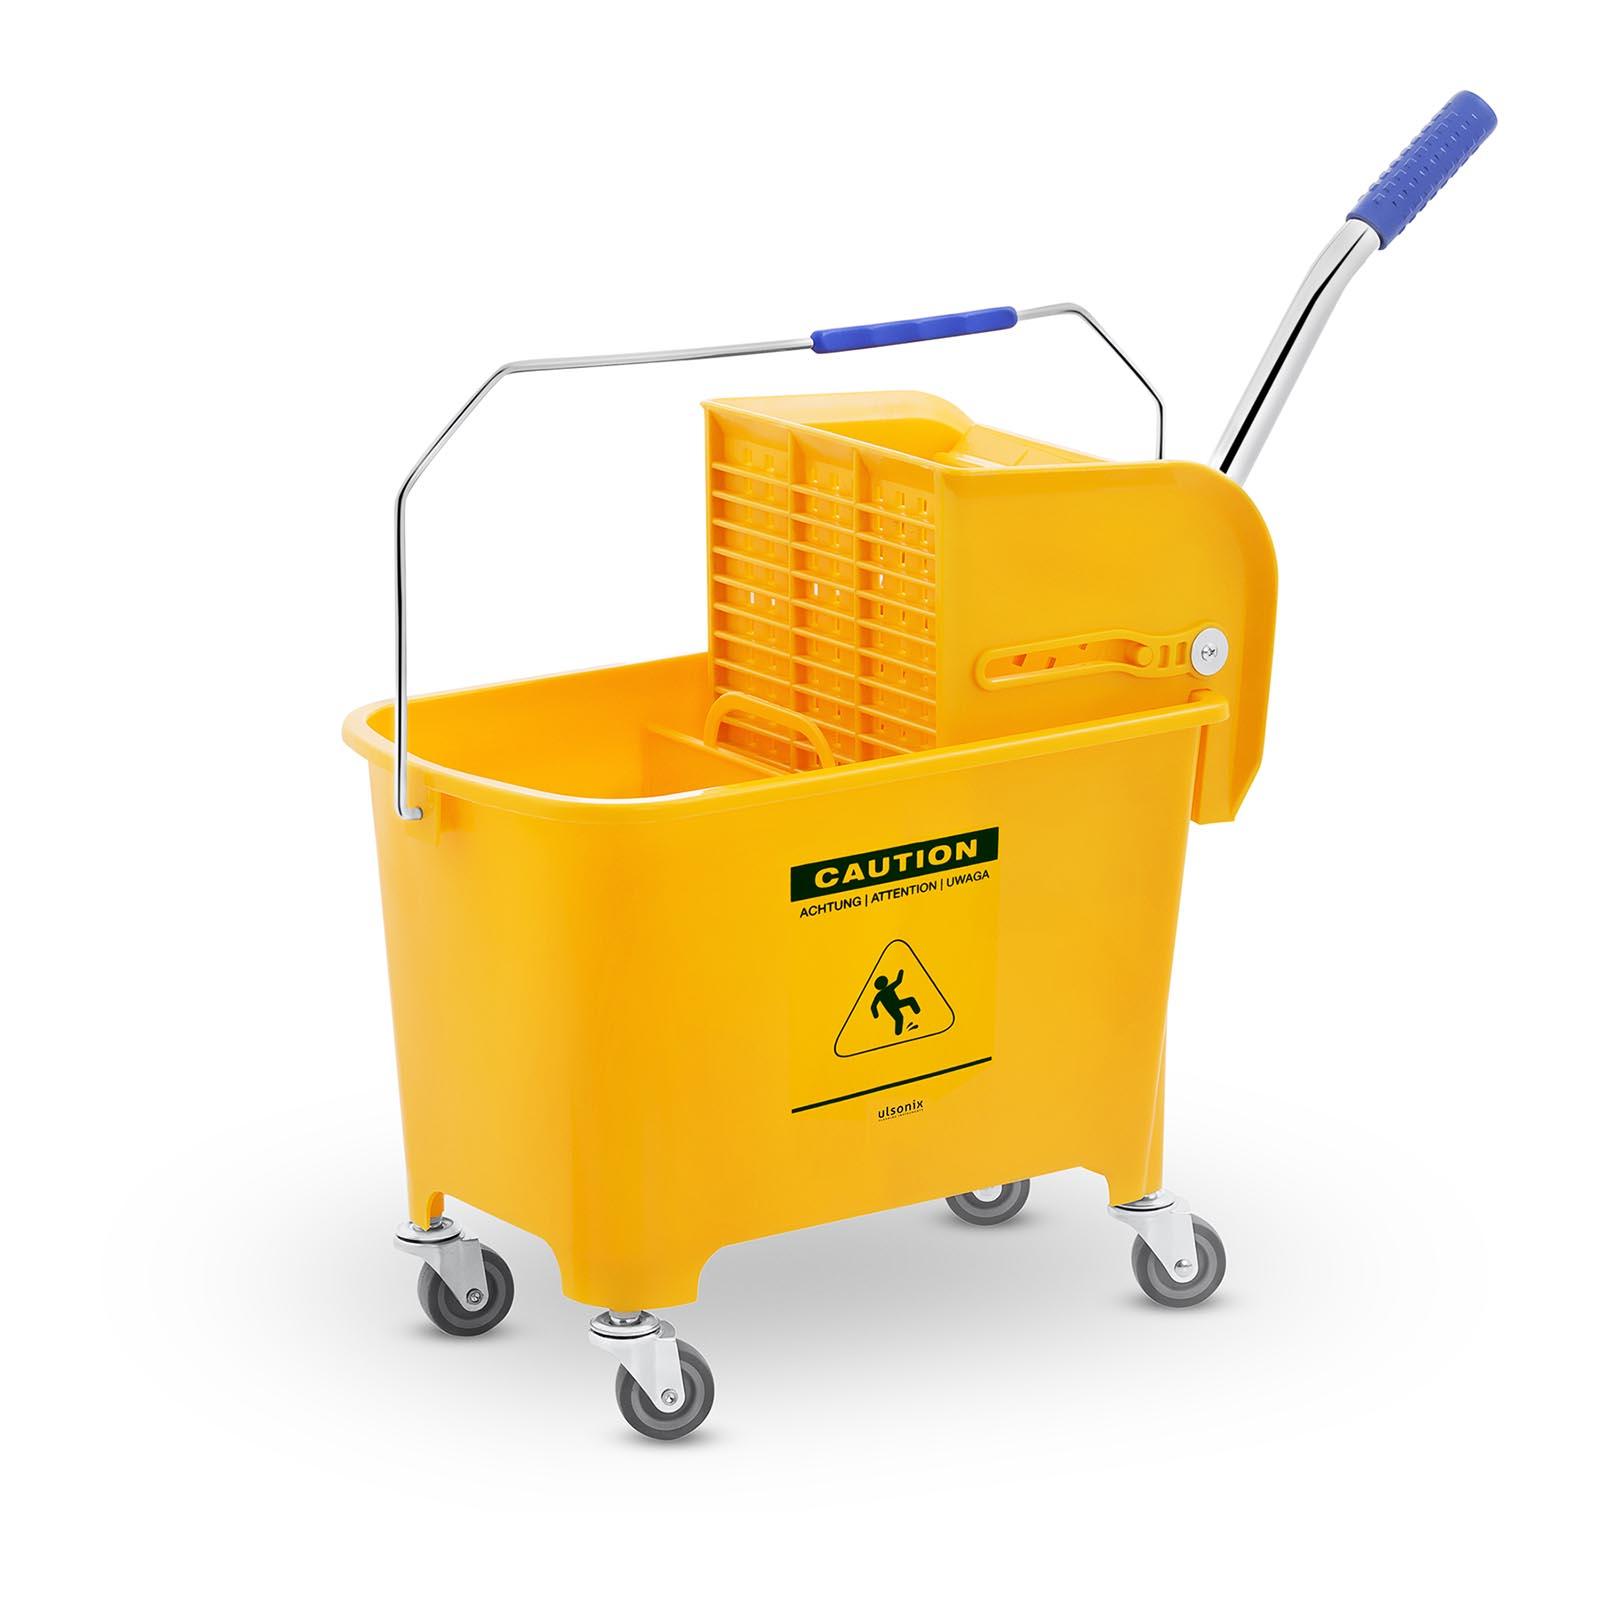 Secchio-Lavapavimenti-Con-Mocio-E-Strizzatore-Pulizia-Professionale-Cartello-20L